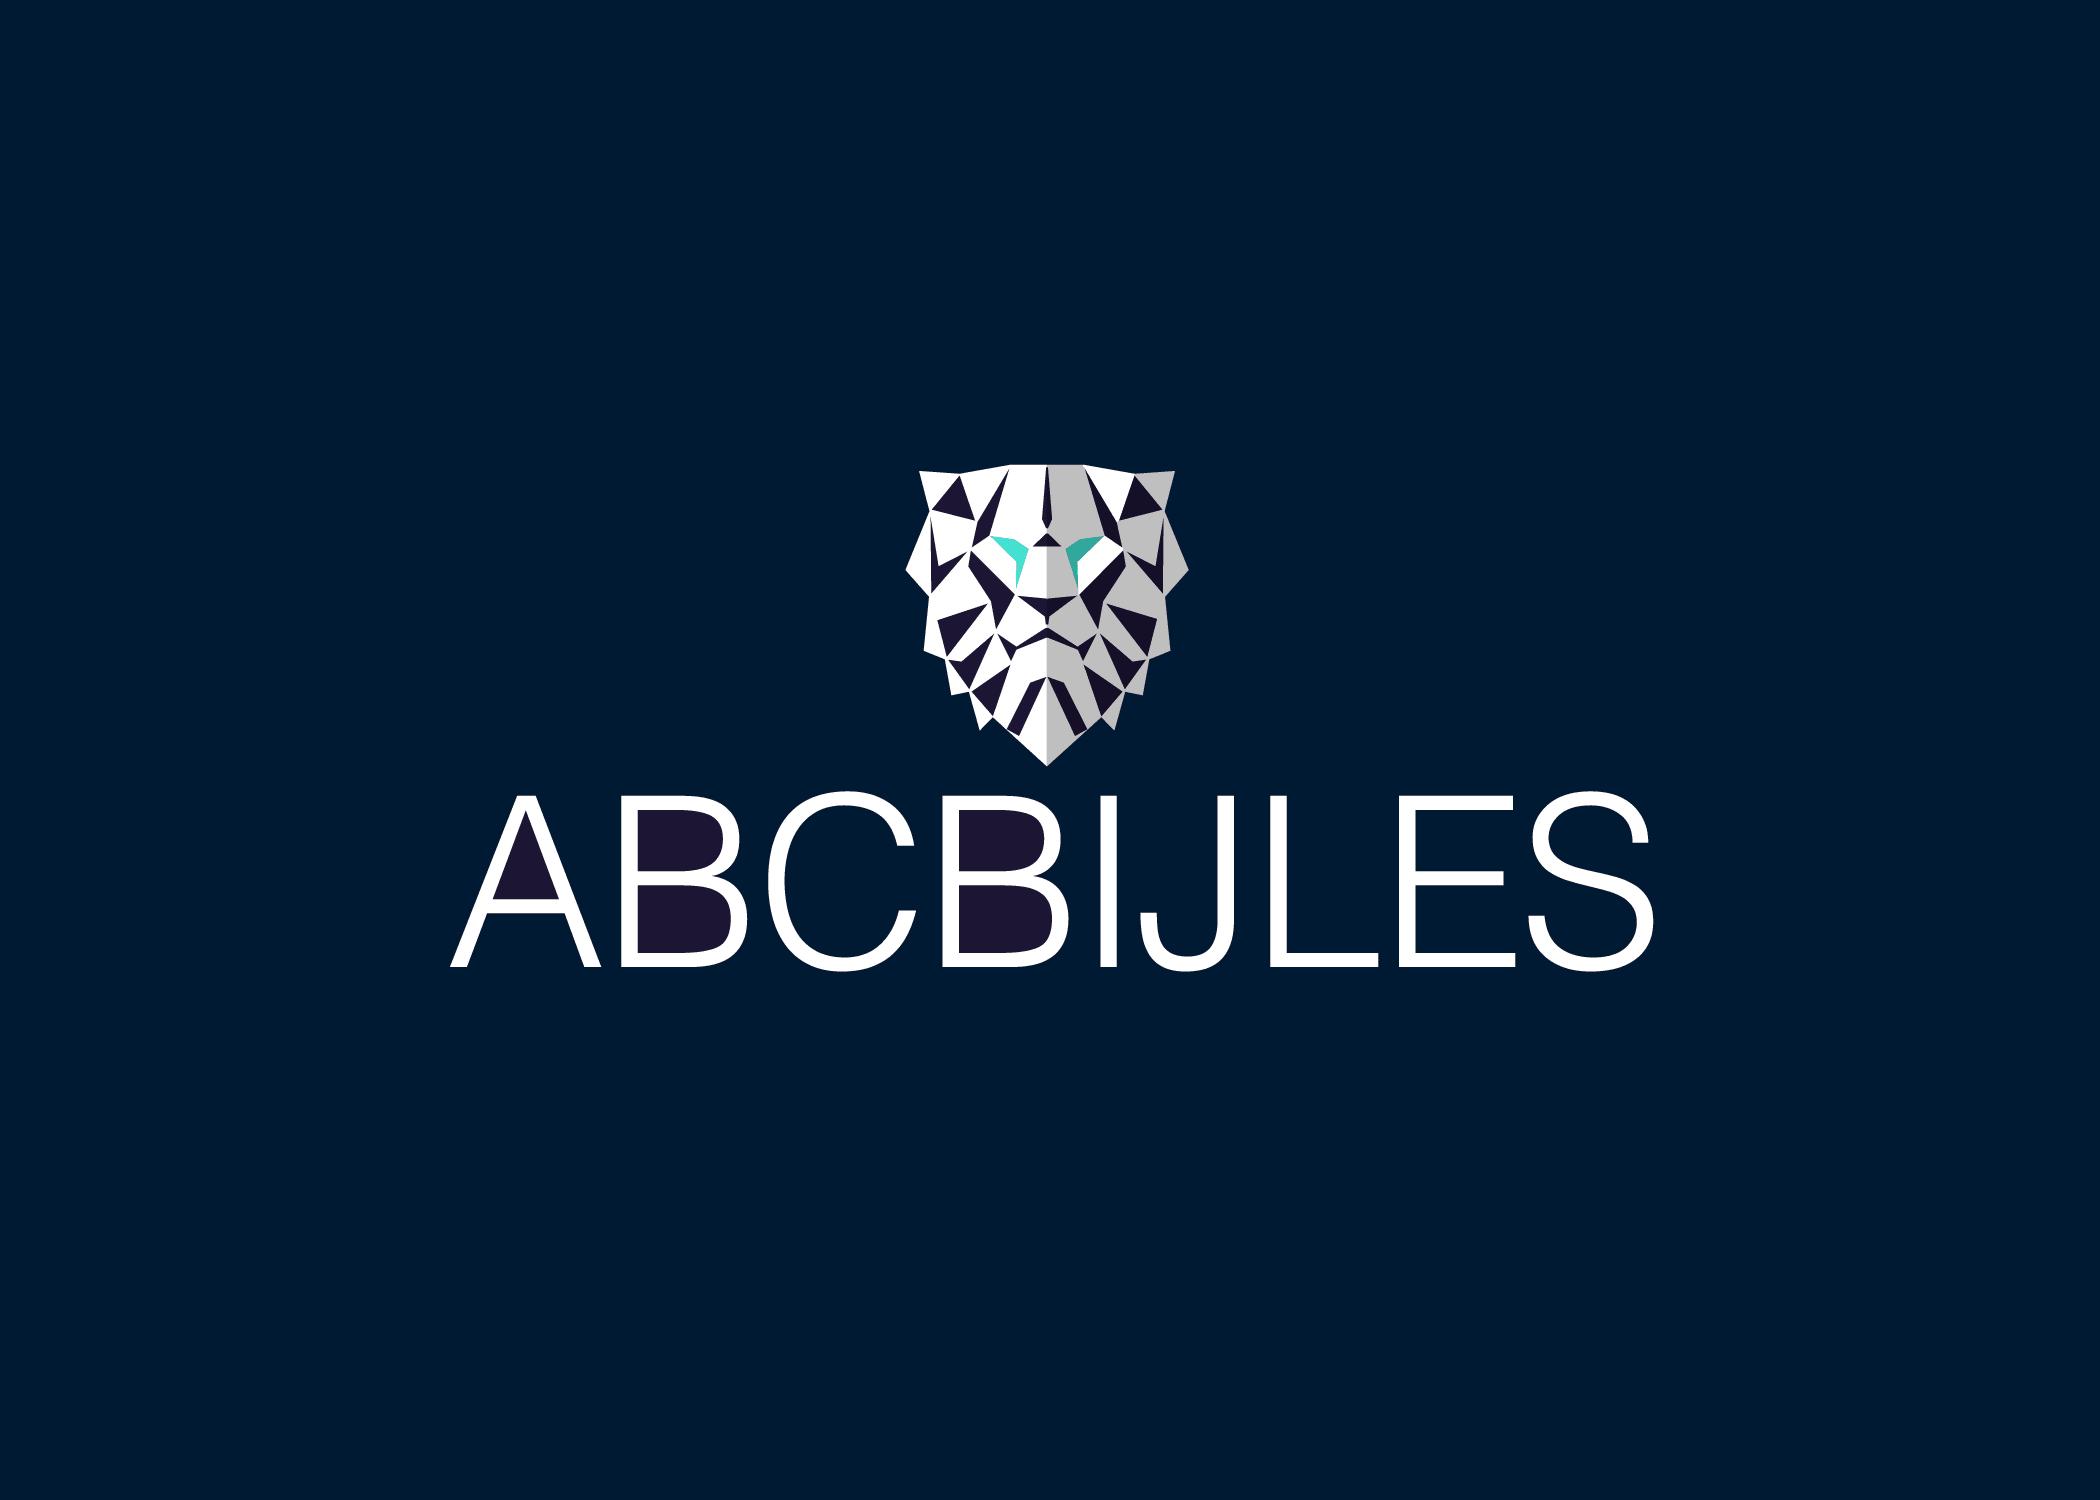 logo abc juiste achtergrond kleur